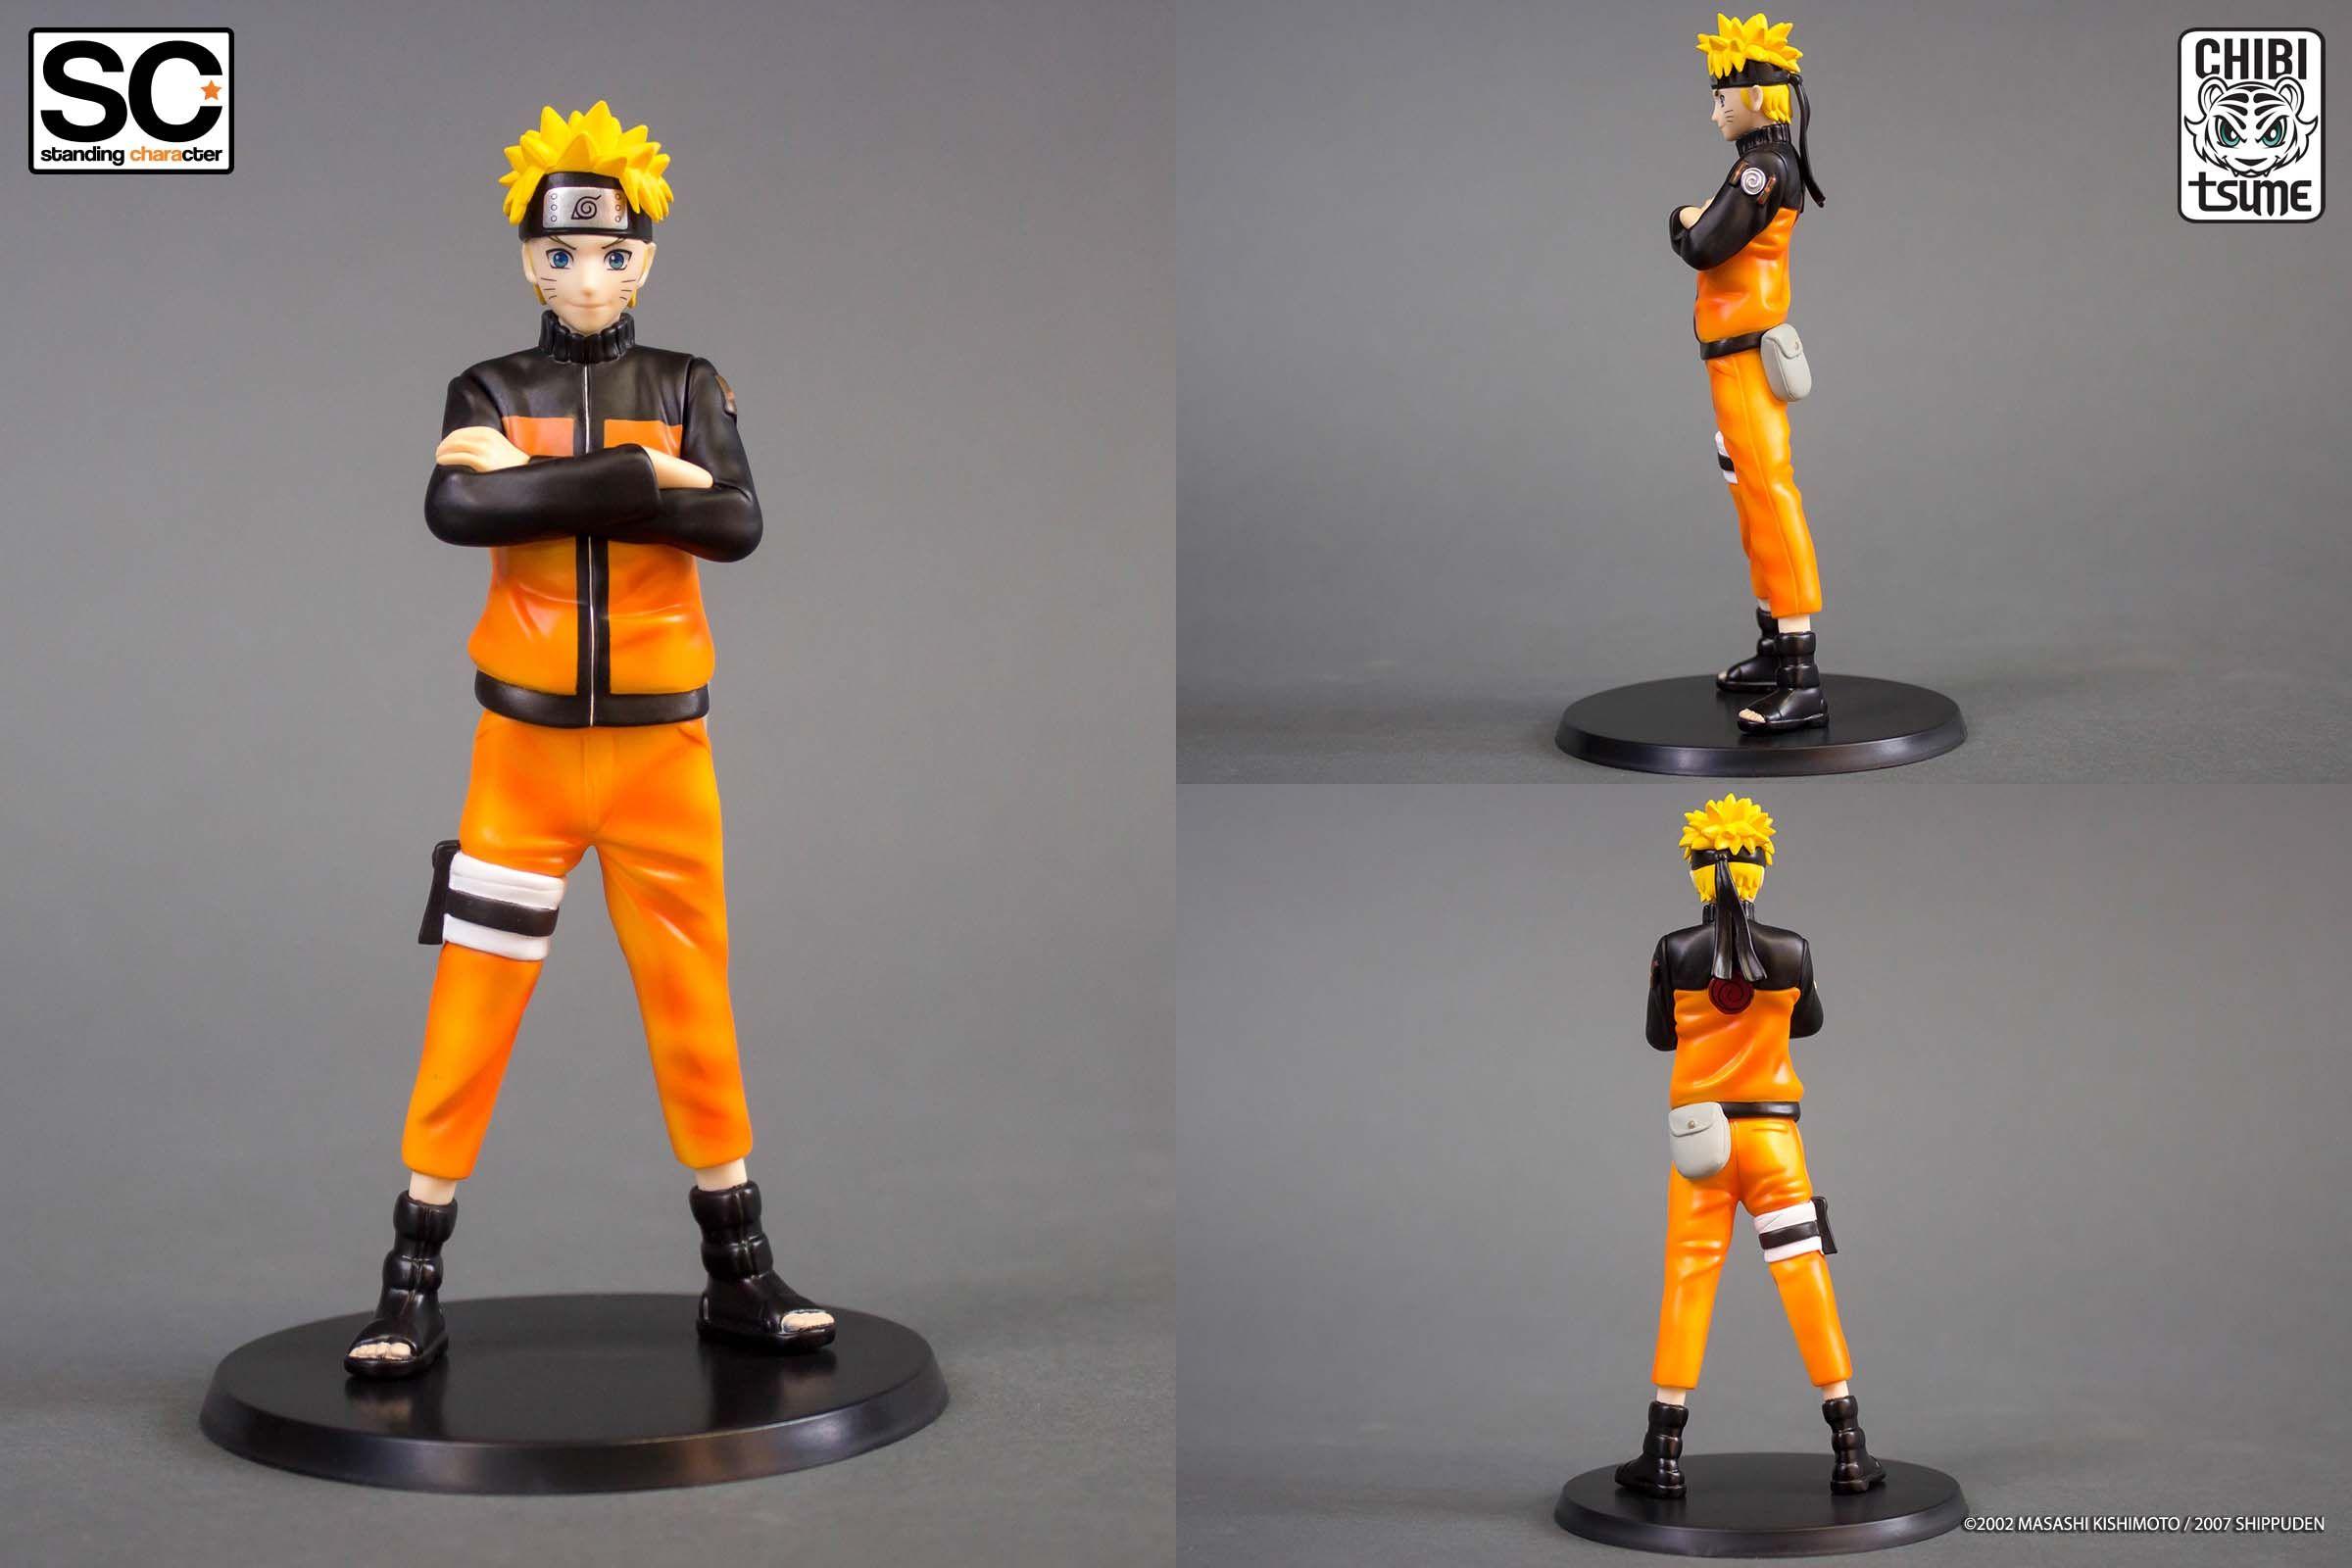 goodie - Naruto Uzumaki - SC - Standing Characters - Tsume